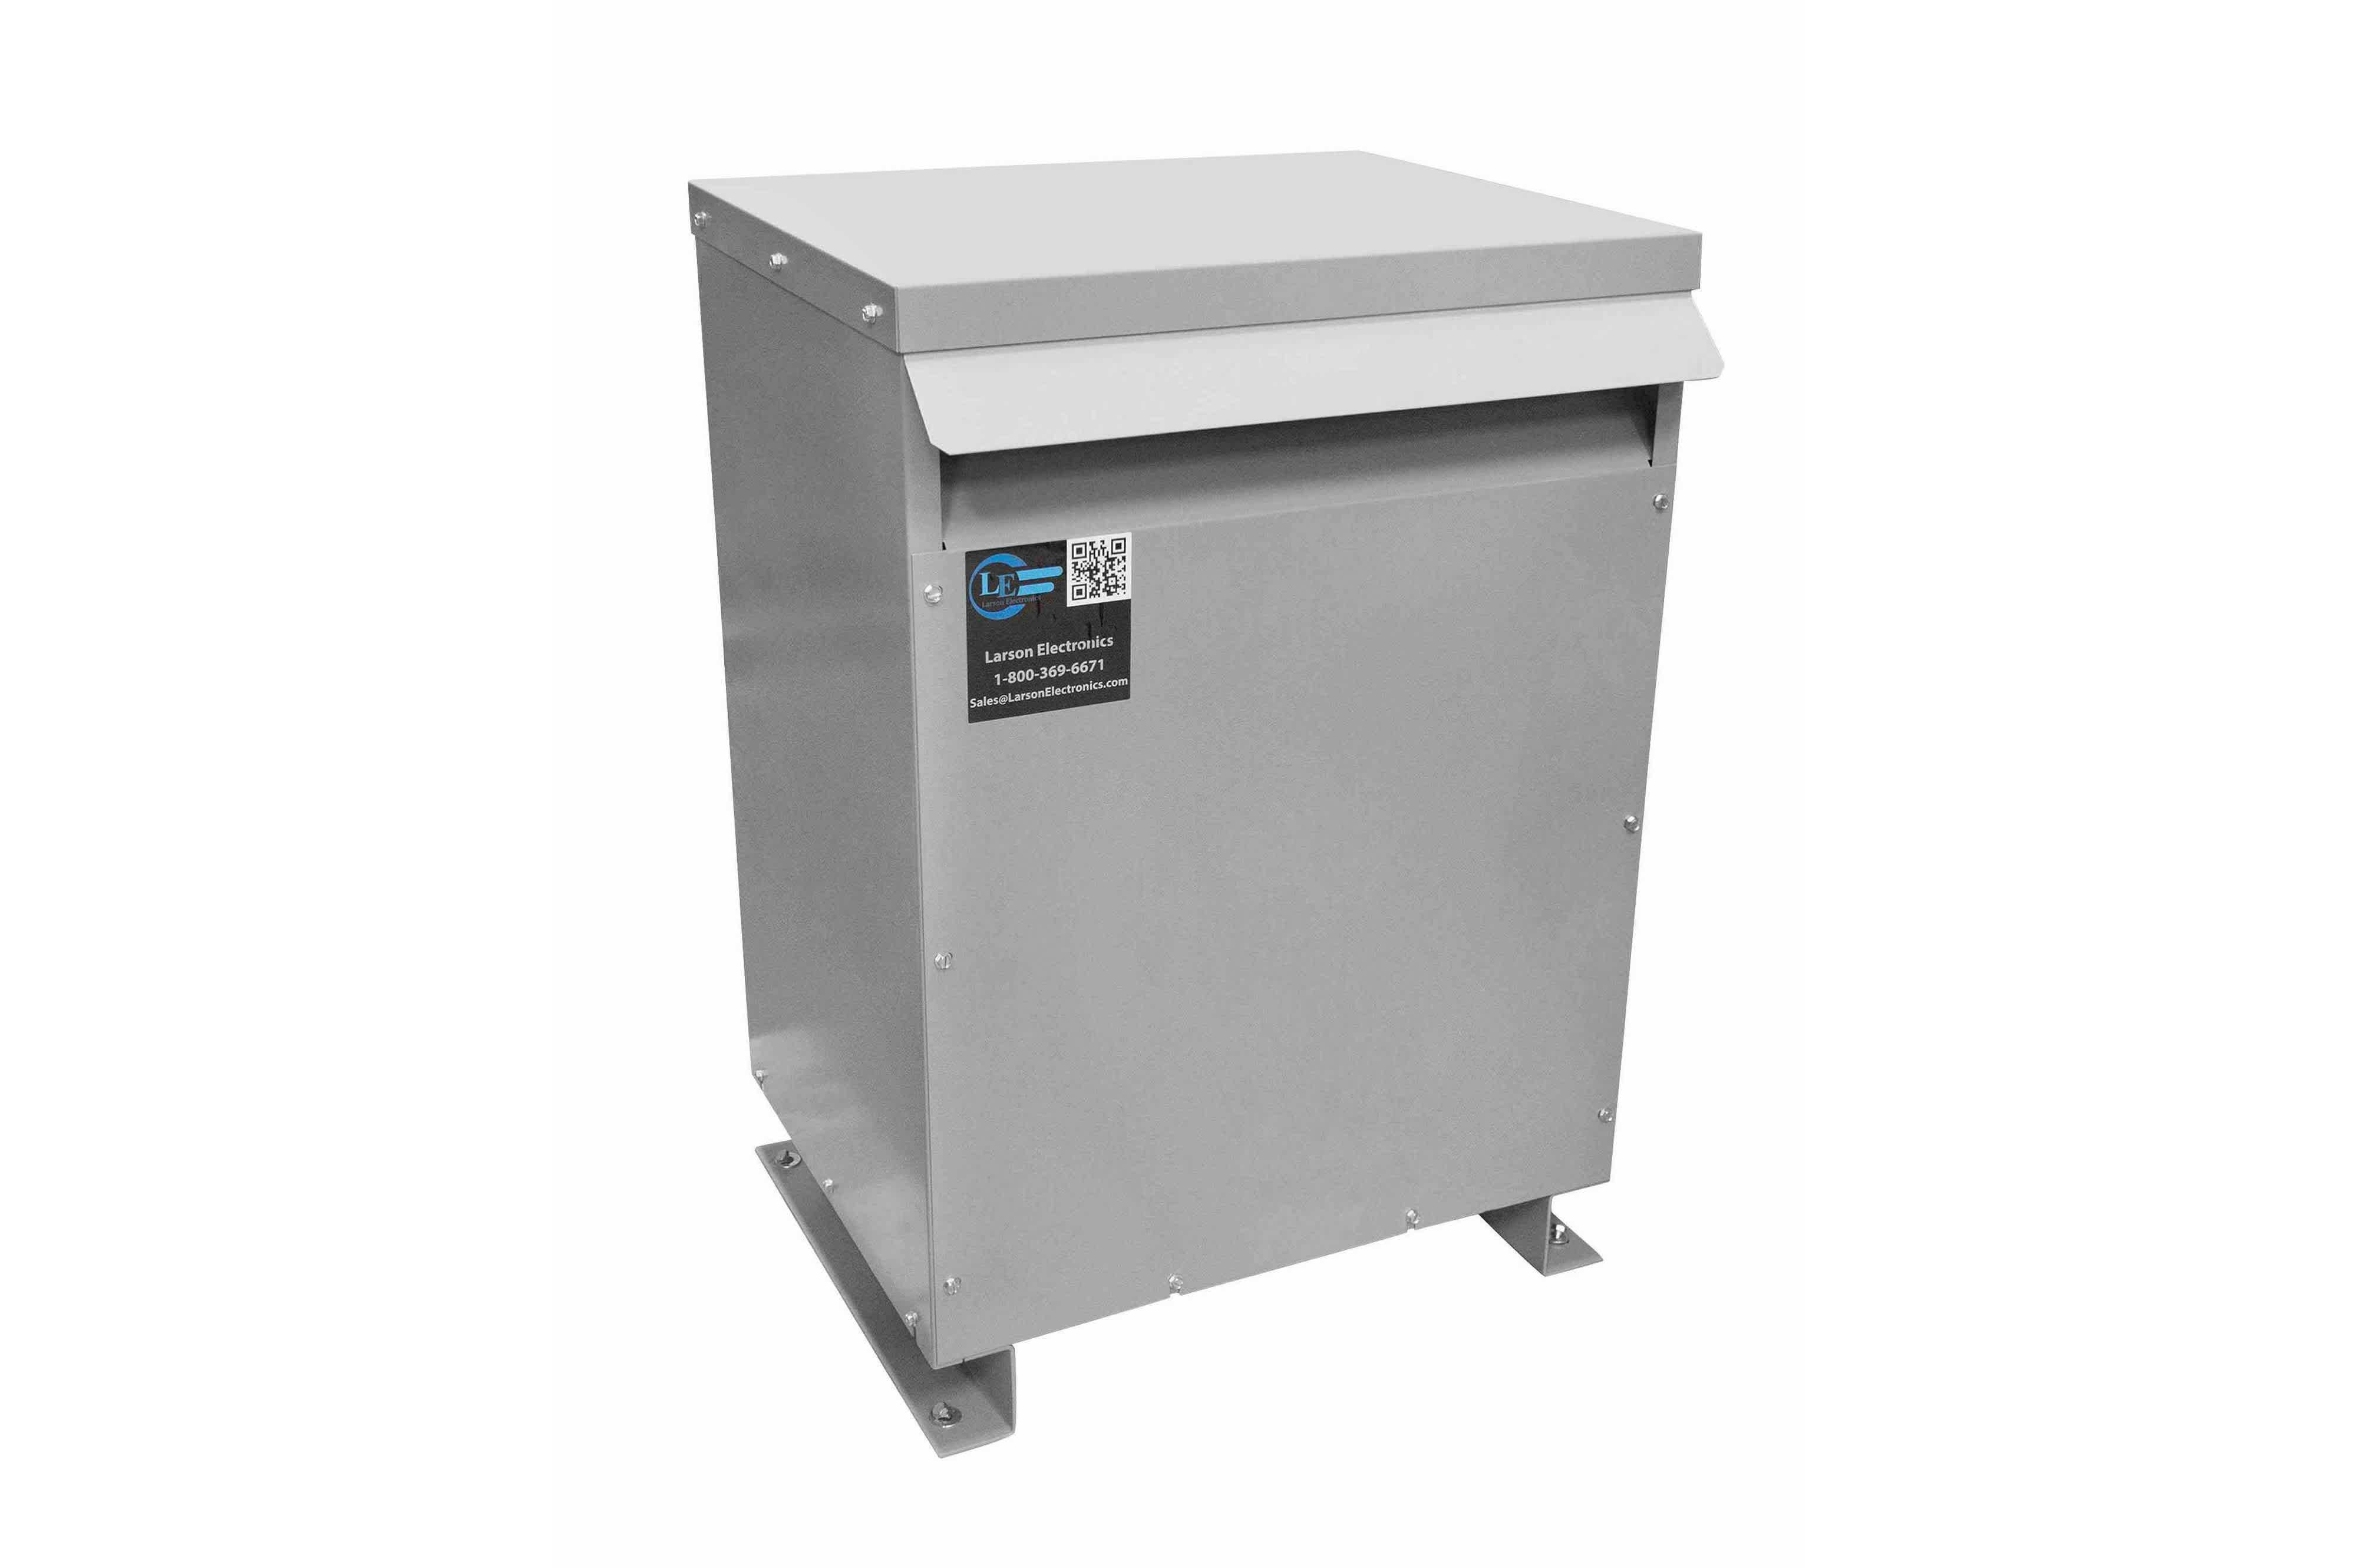 27 kVA 3PH Isolation Transformer, 575V Delta Primary, 380V Delta Secondary, N3R, Ventilated, 60 Hz